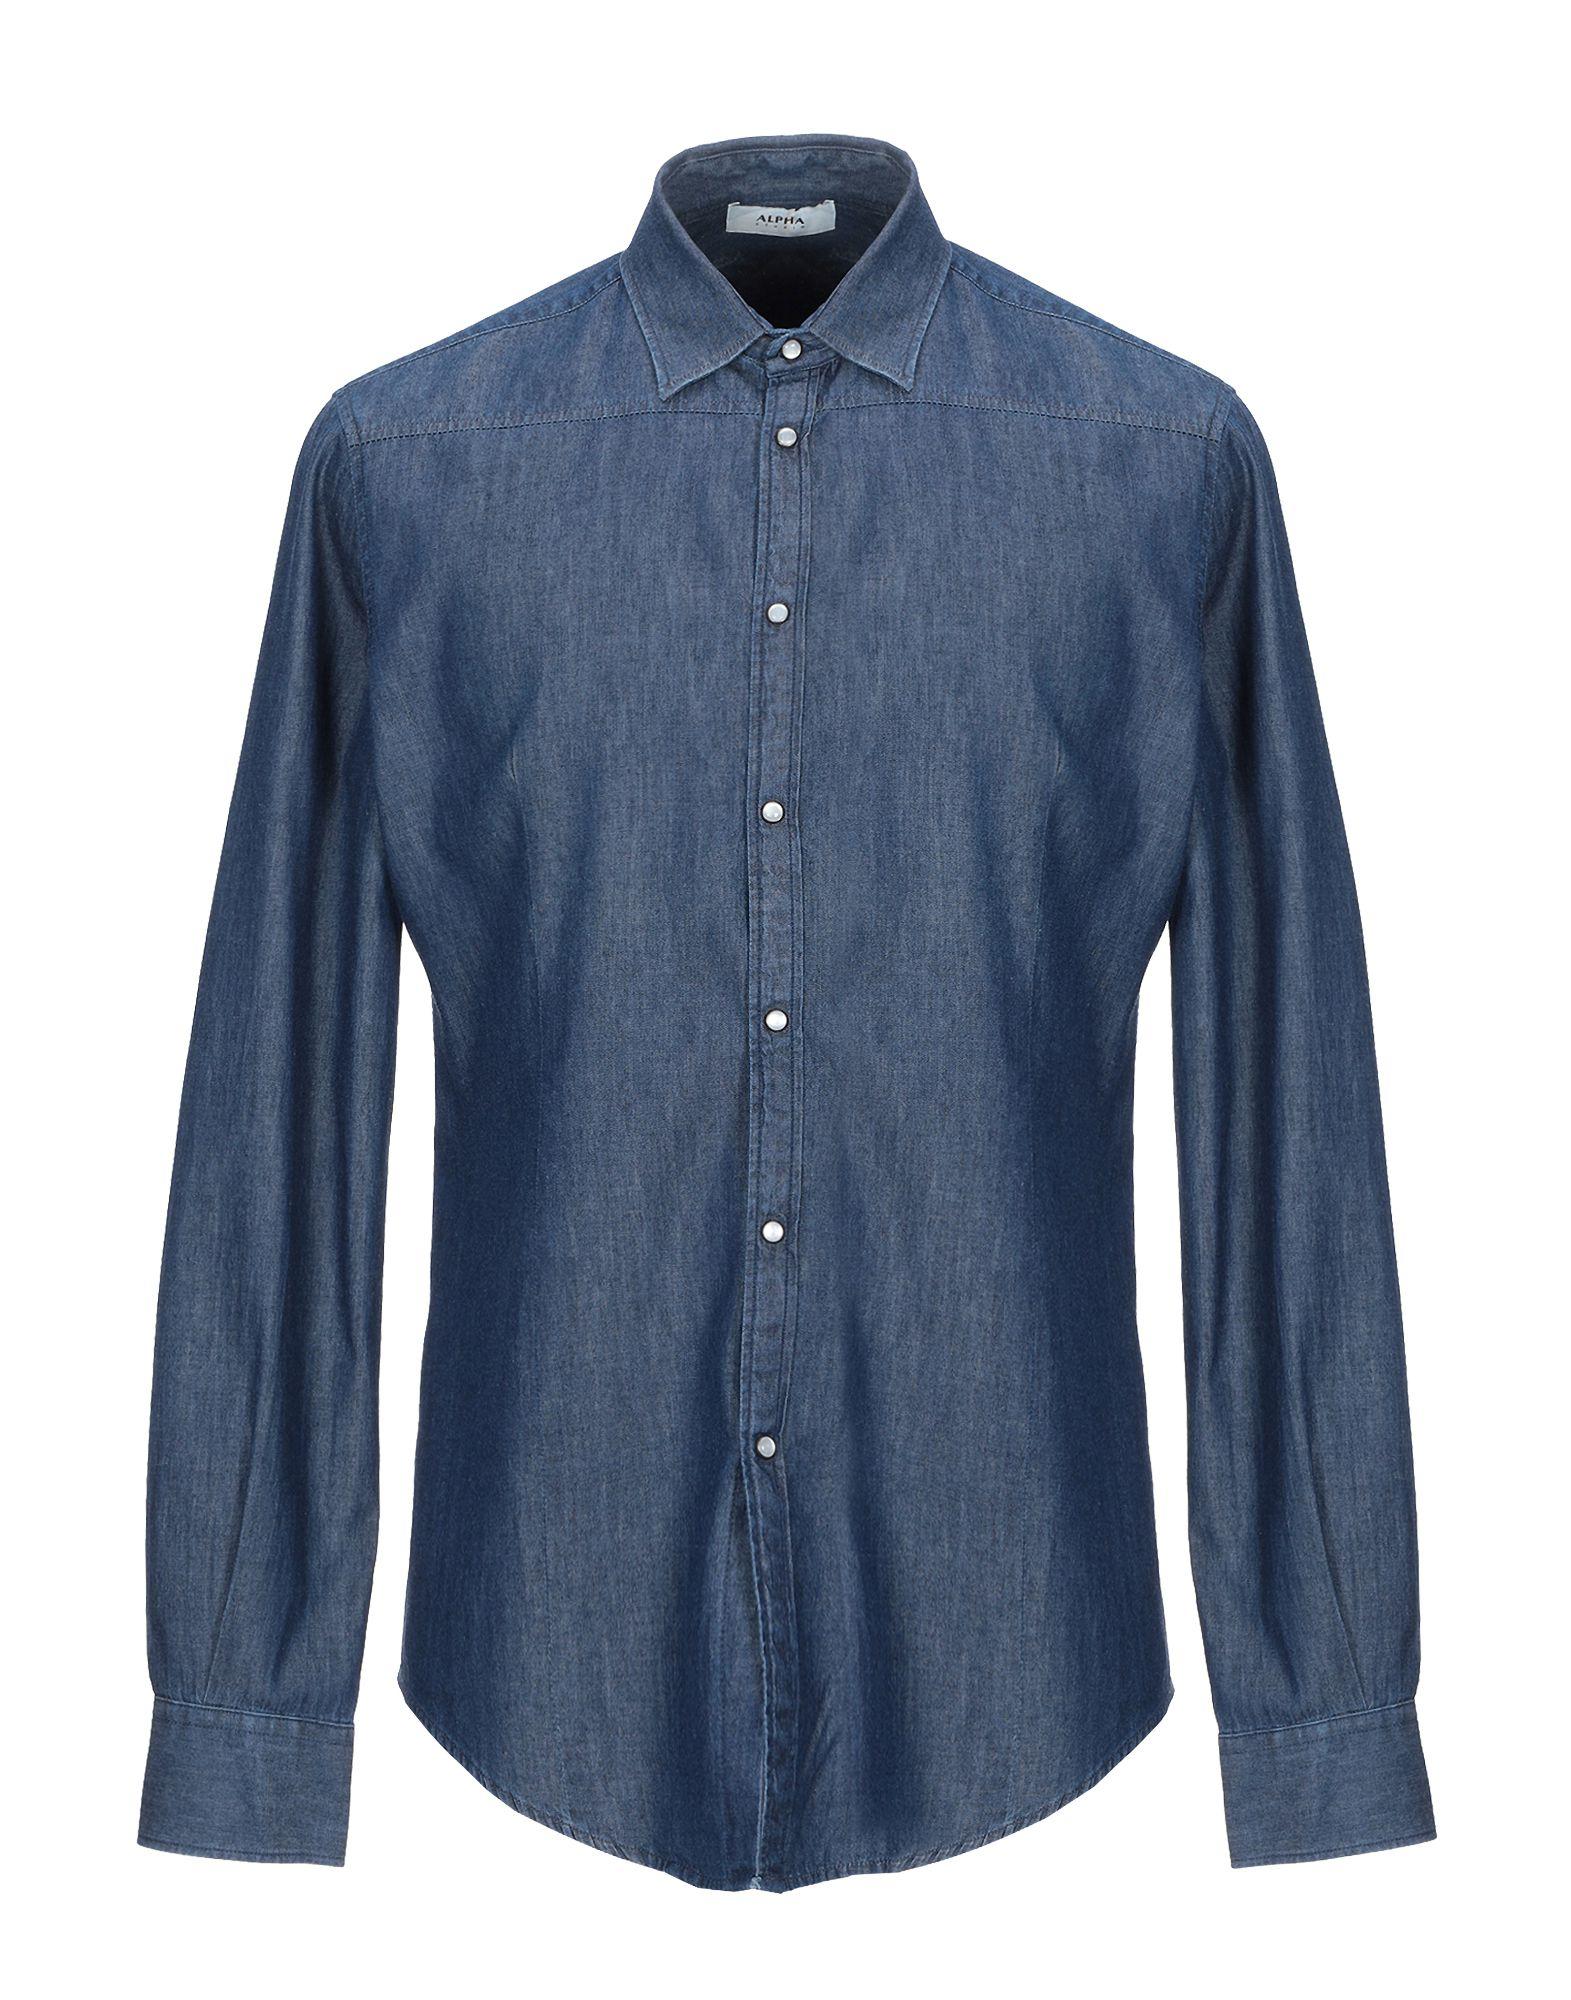 купить ALPHA STUDIO Джинсовая рубашка по цене 8500 рублей